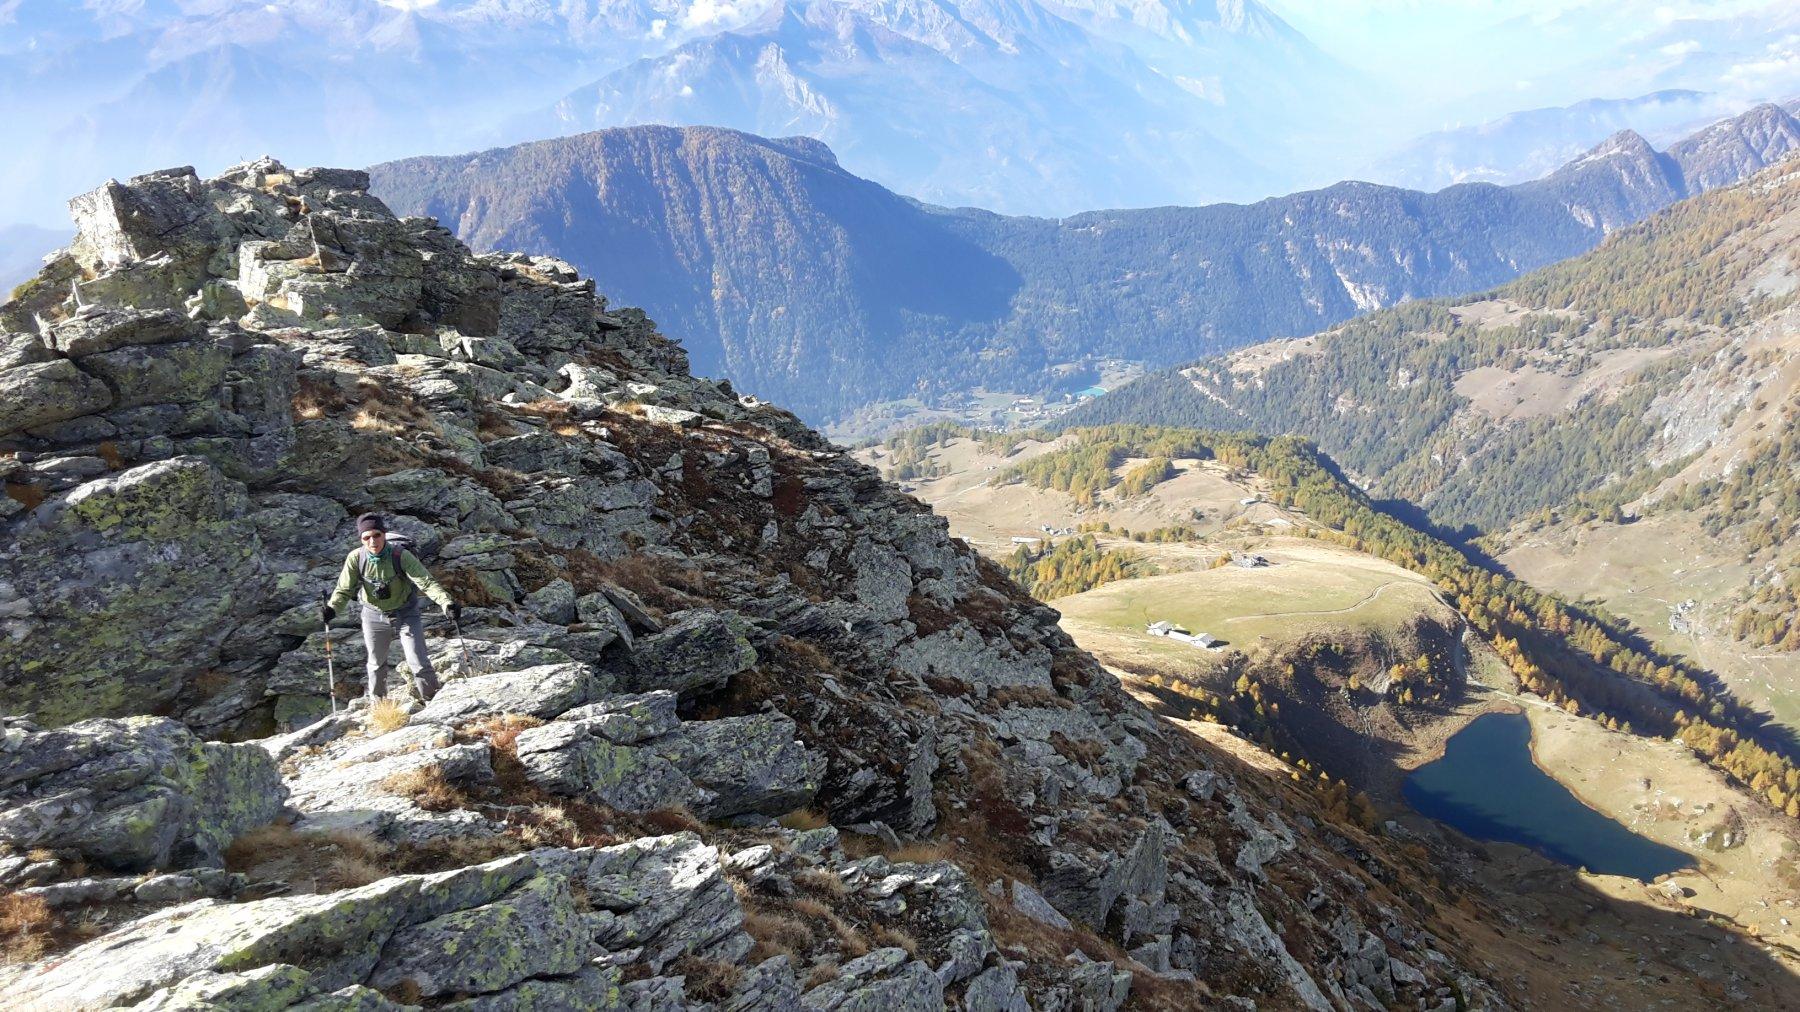 la cresta rocciosa con l'alpeggio ed il lago Literan